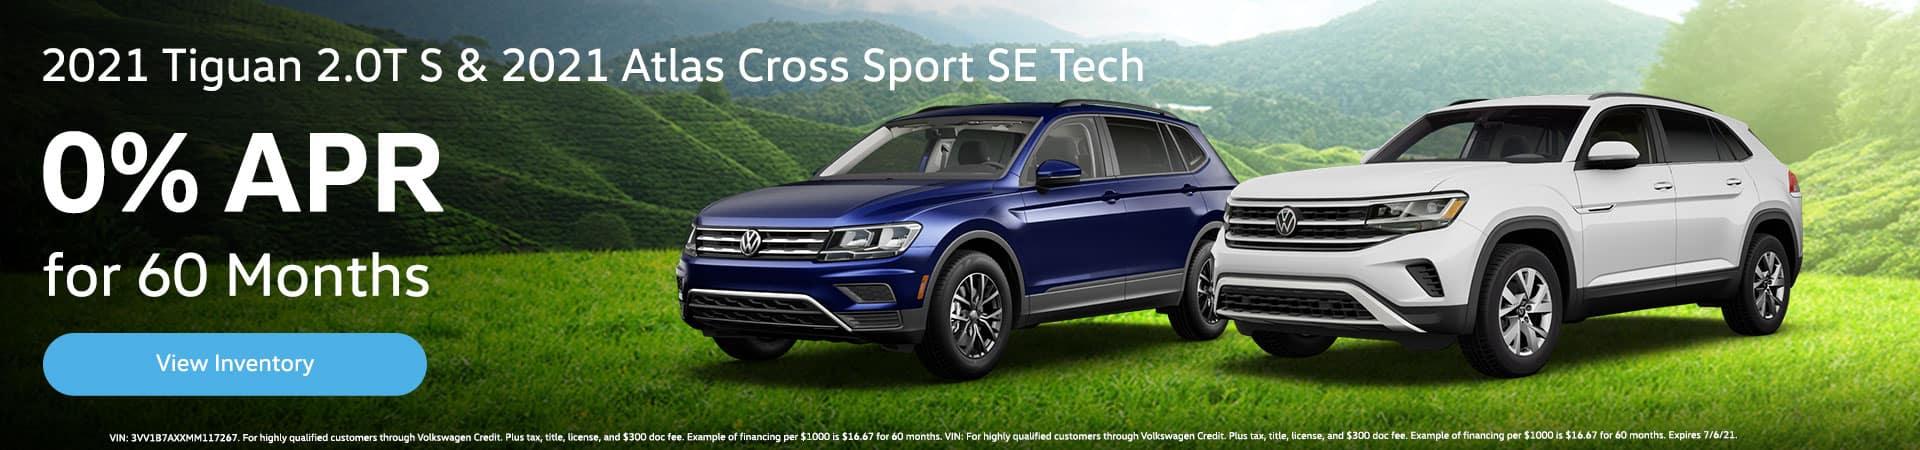 2021 Tiguan 2.0T S & 2021 Atlas Cross Sport SE Tech 0% for 60 Months